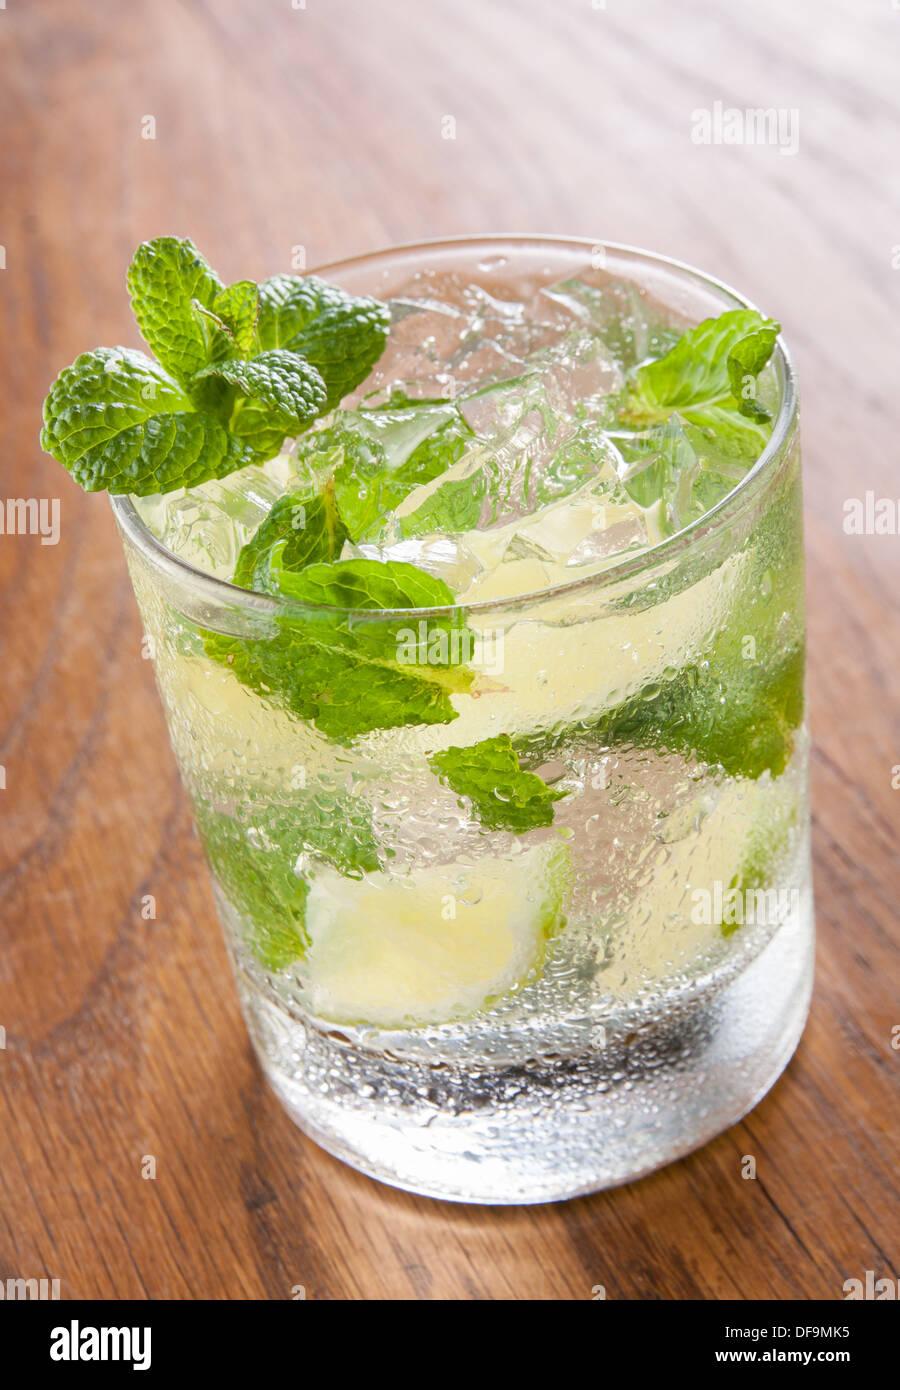 Mojito sirve en un vaso con hielo picado y limón sobre mesa de madera Foto de stock